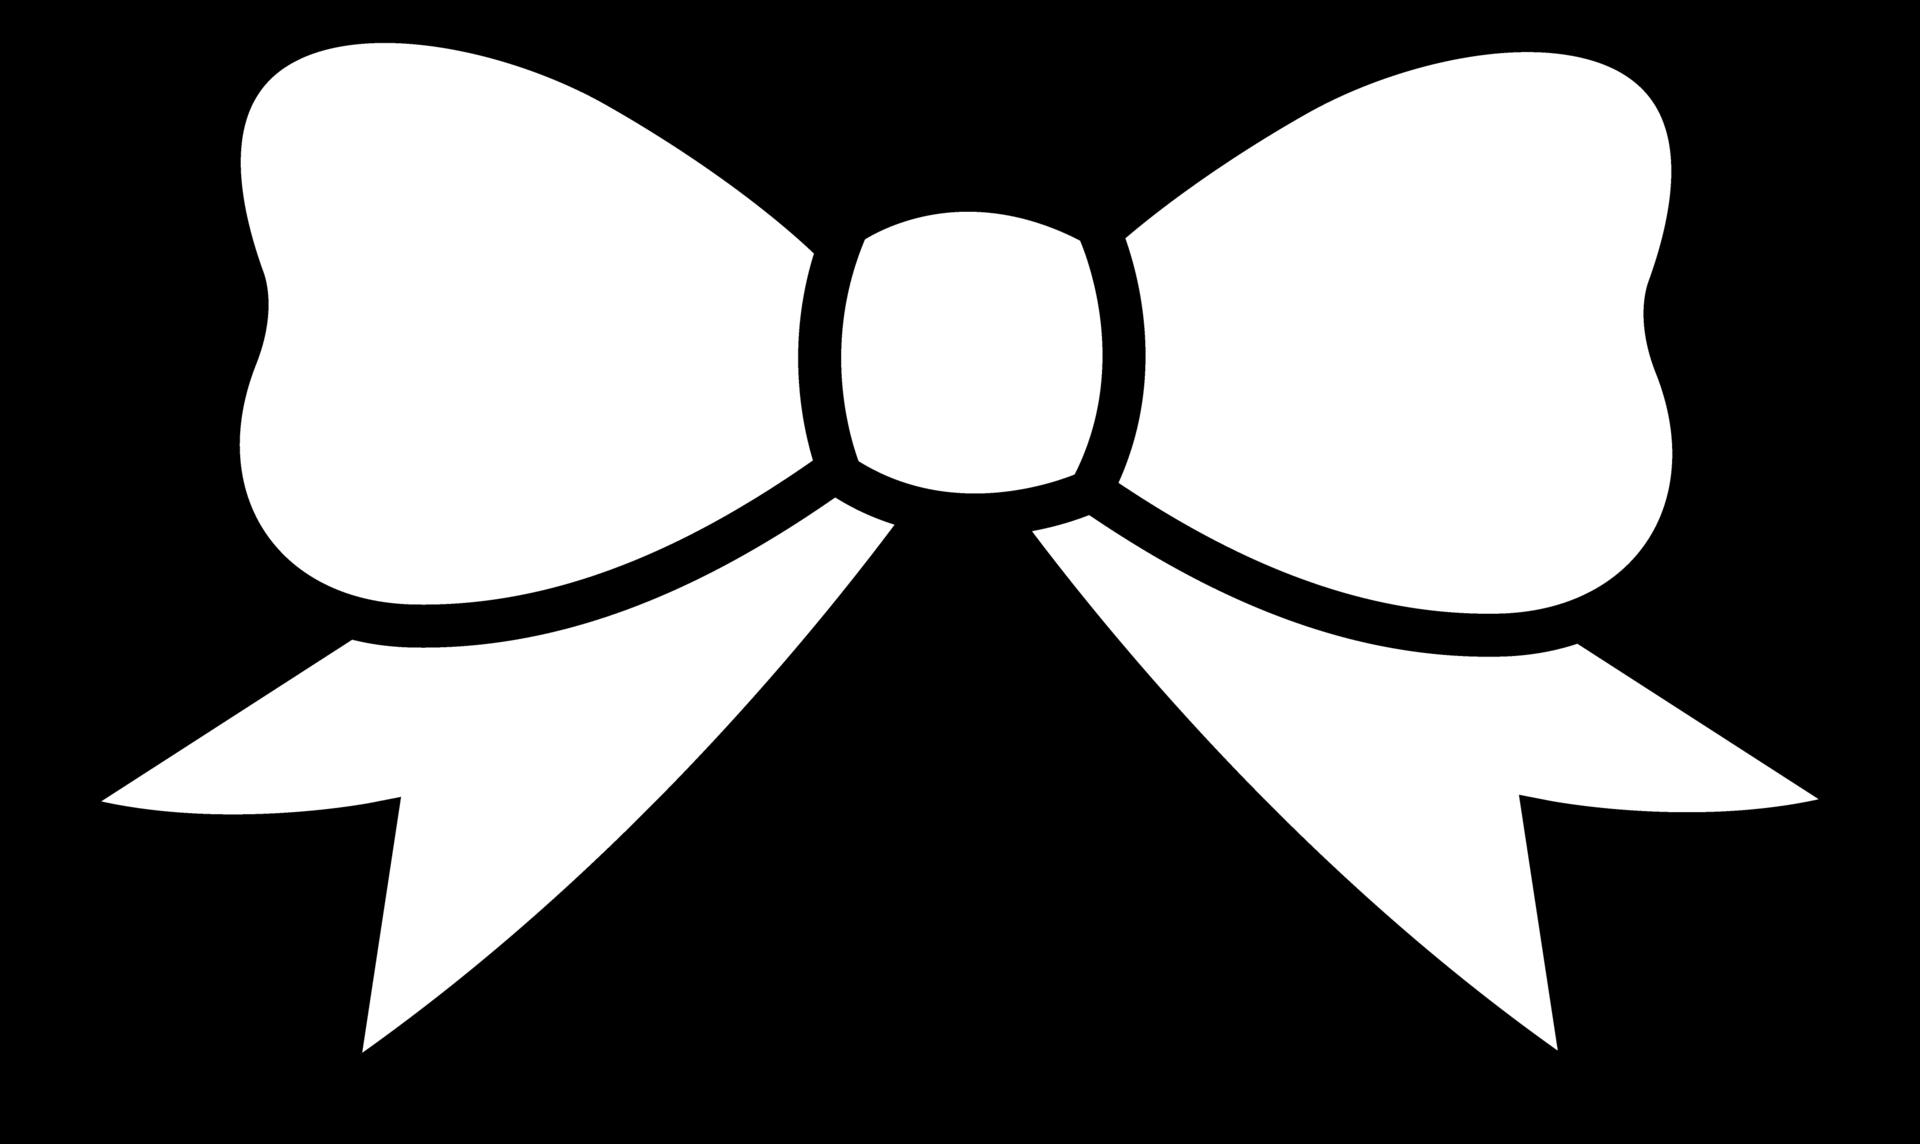 Bow clip art 3